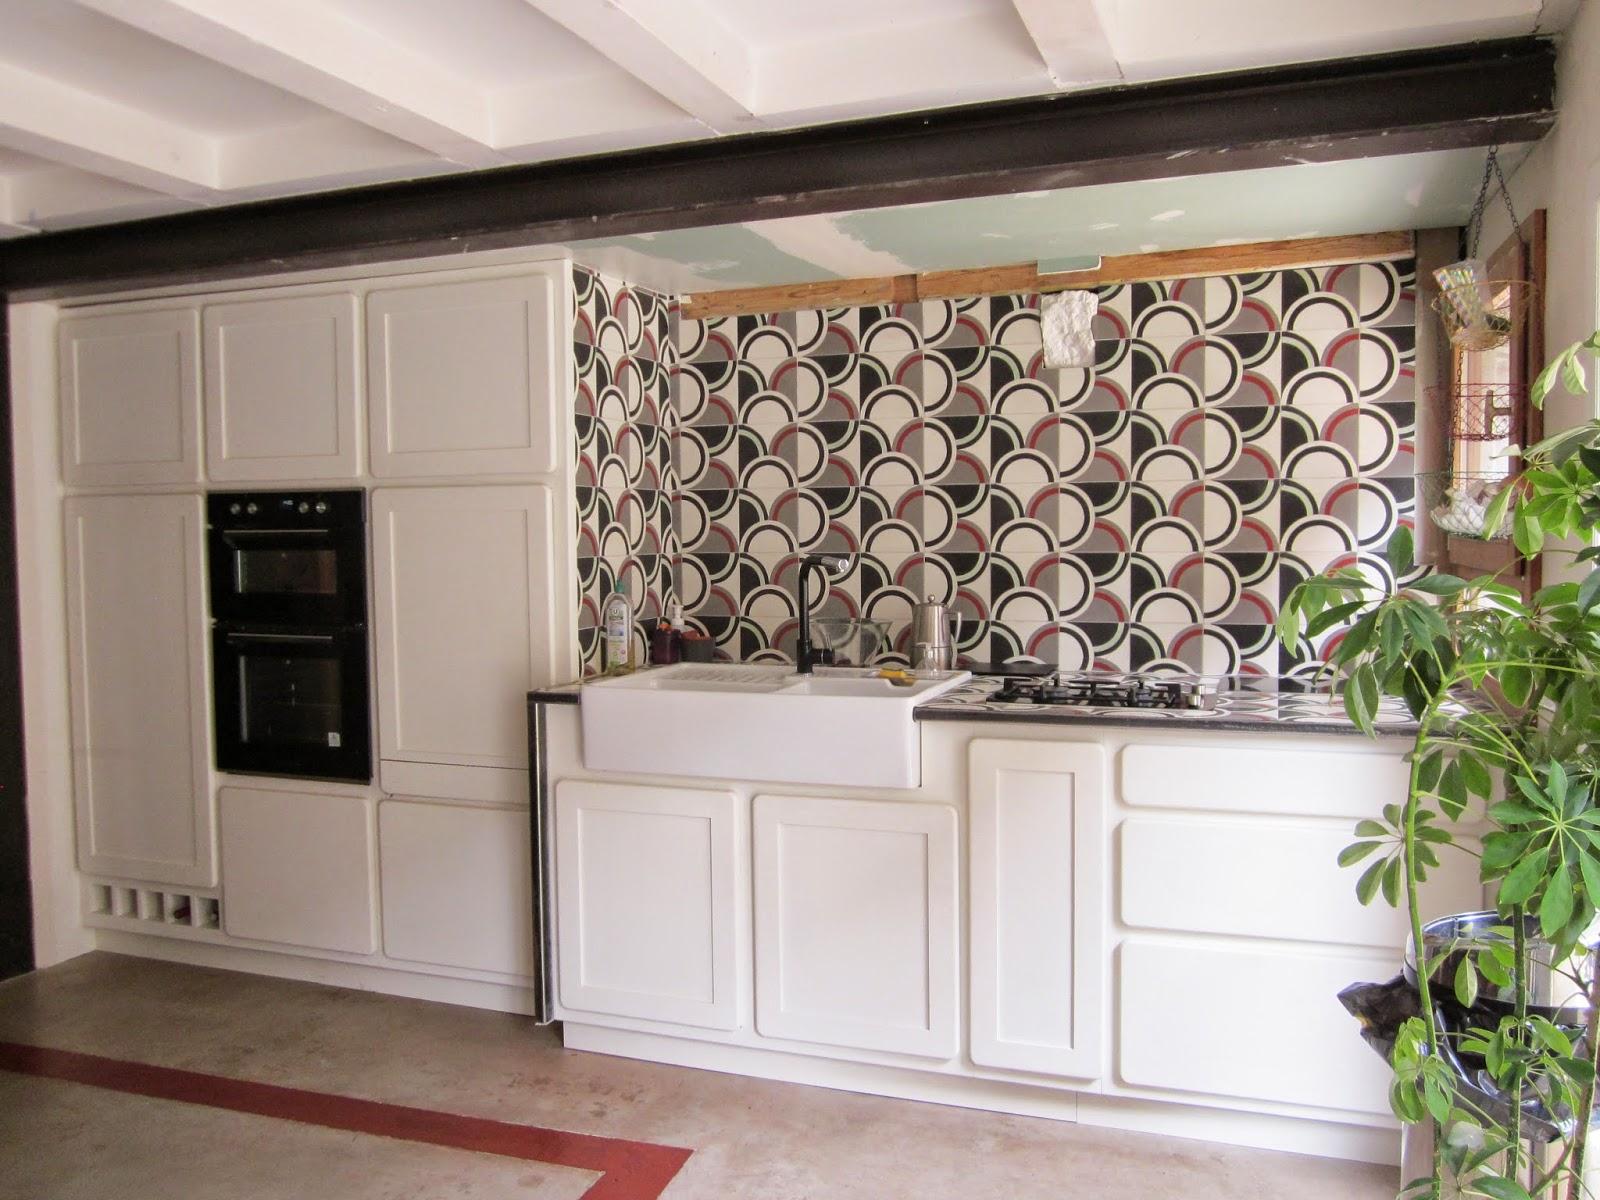 Meuble frene massif excellent meubles design en bois for Meuble frene massif